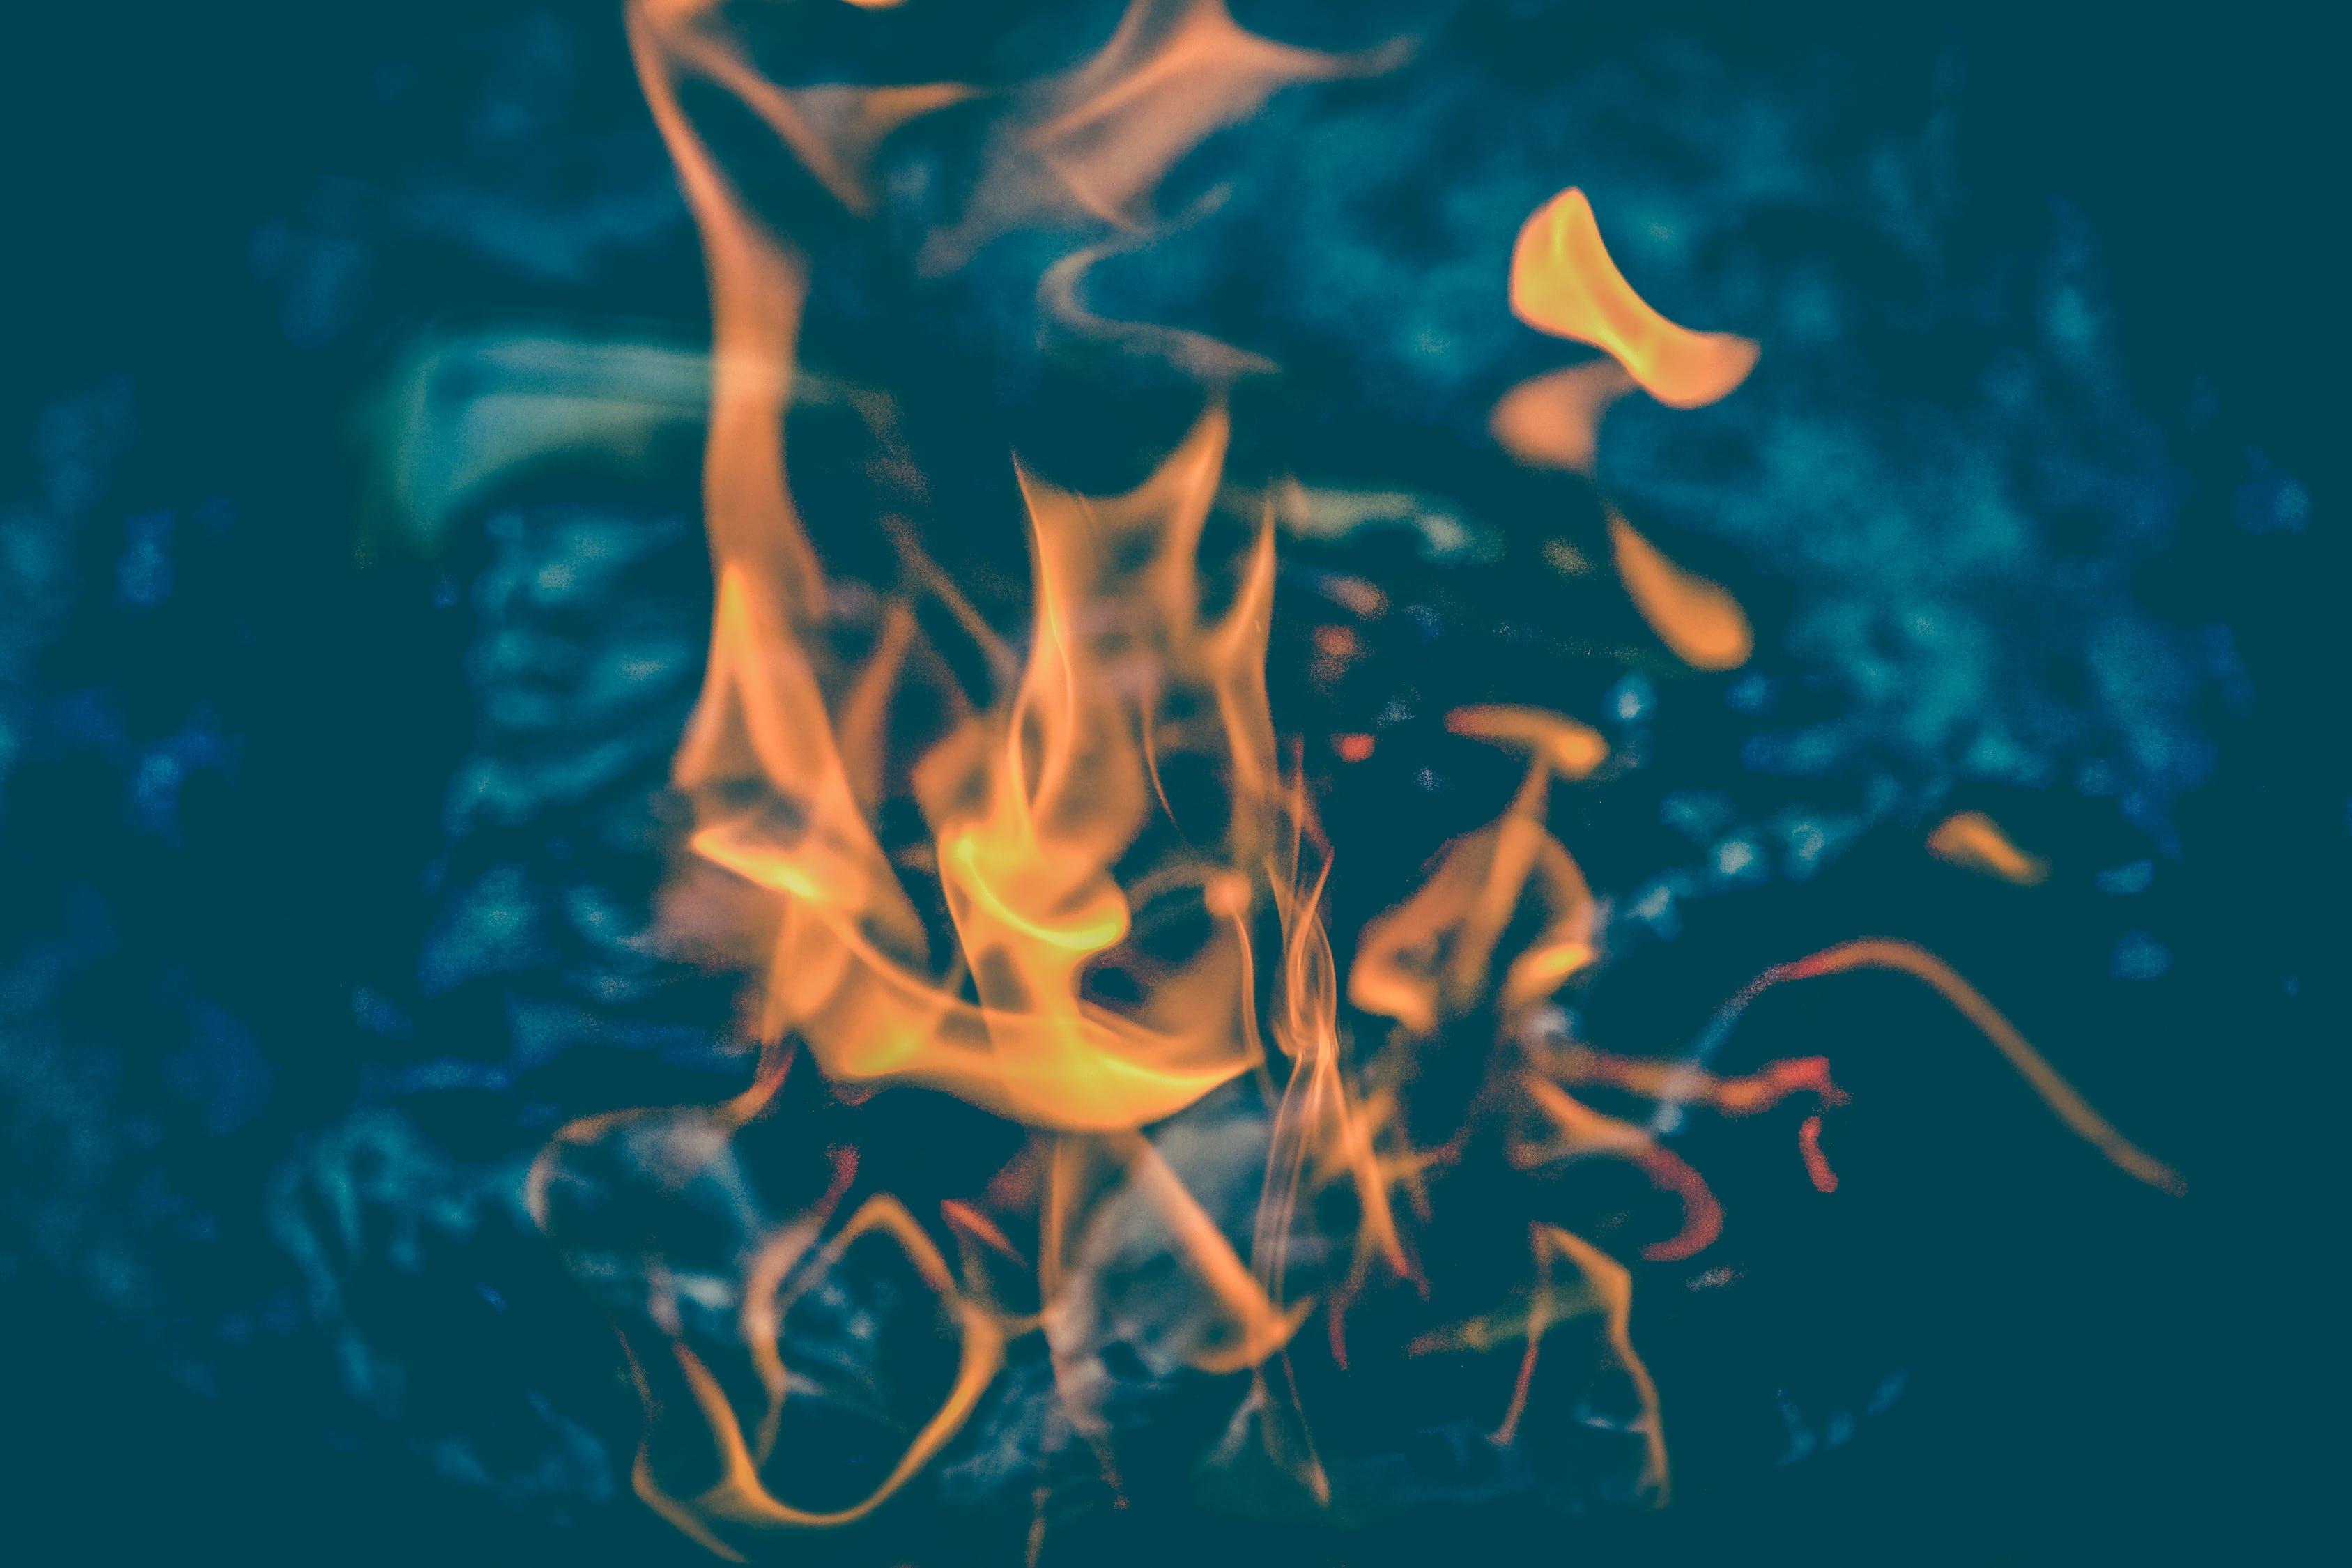 女人梦见着火代表什么 女人梦见着火啥意思